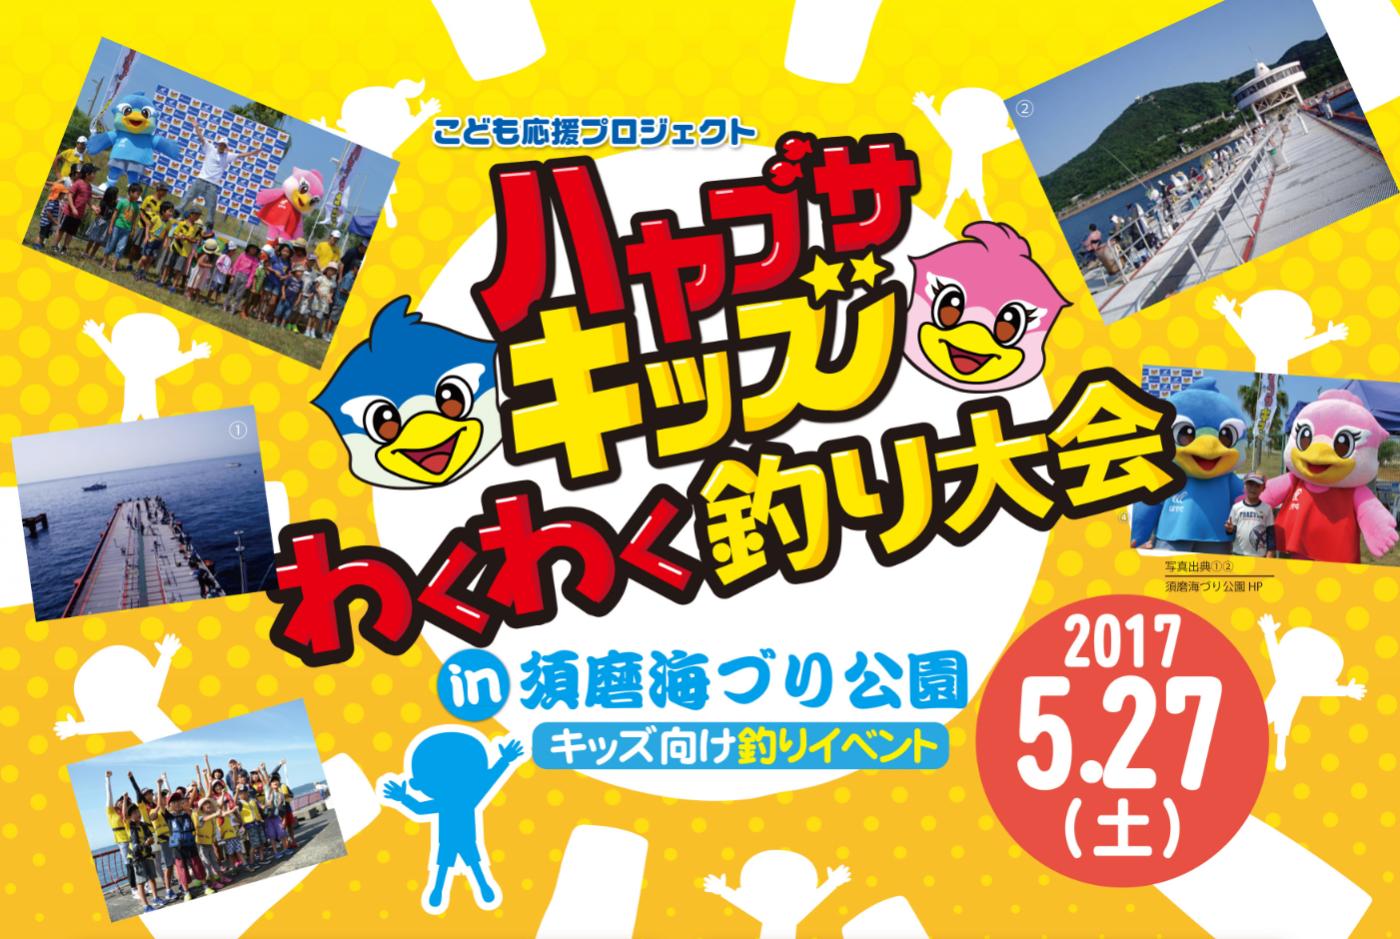 ハヤブサキッズわくわく釣り大会in須磨海づり公園